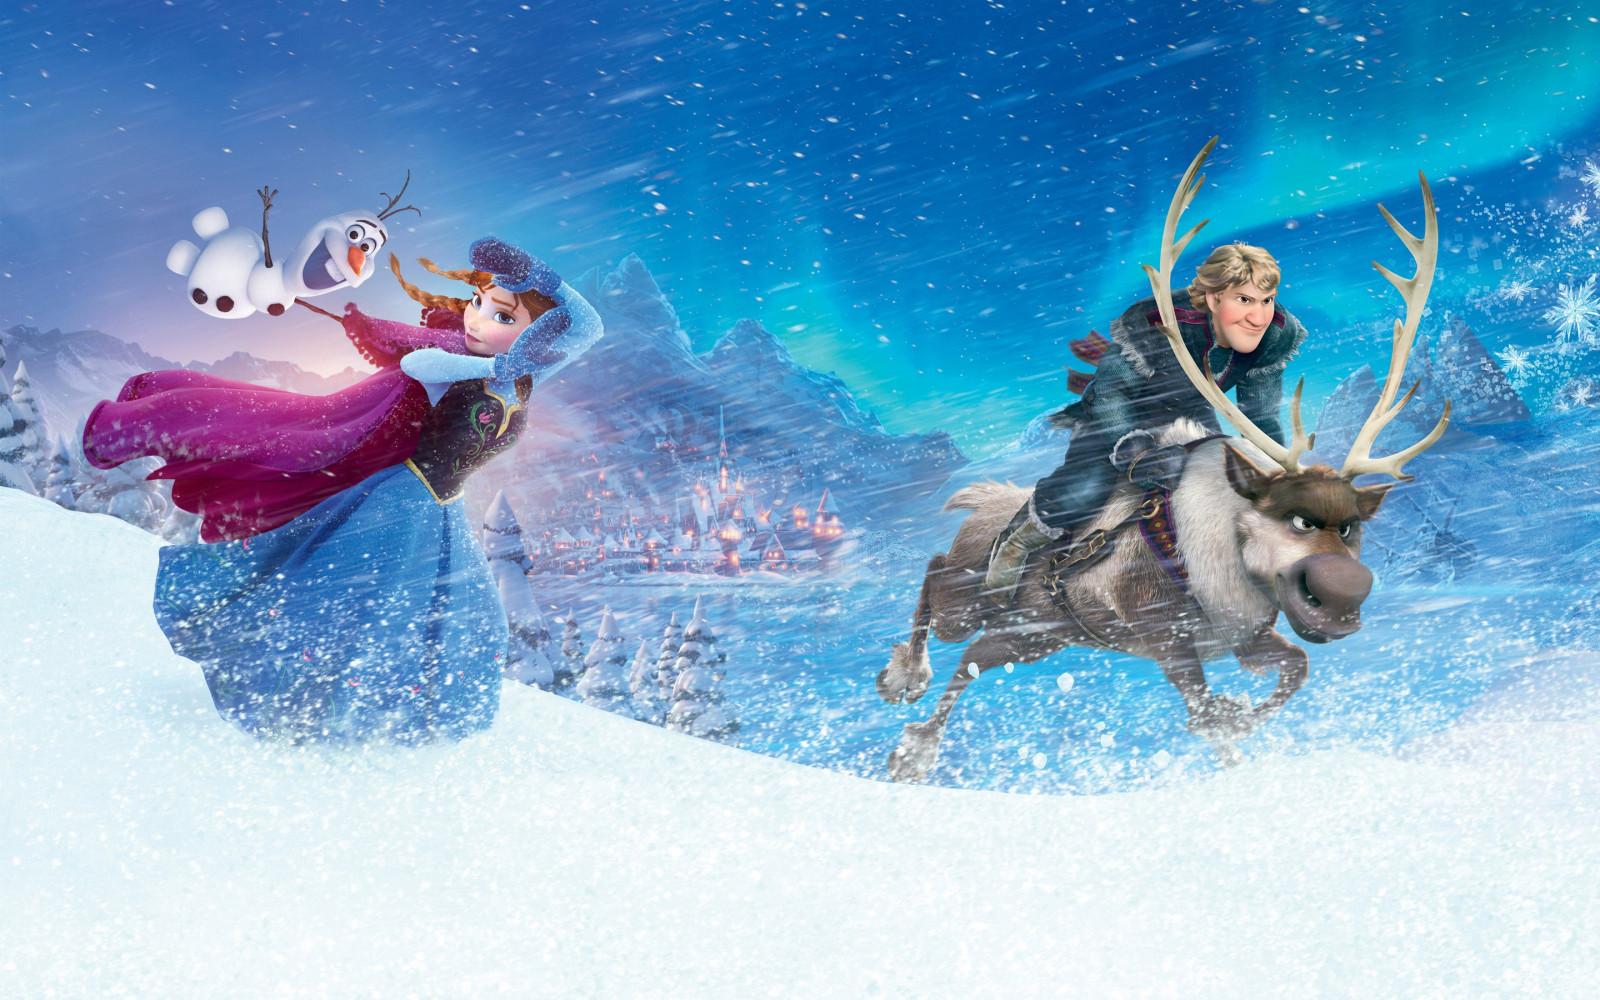 Fondos de pantalla : películas, Película congelada, Olaf, peliculas ...